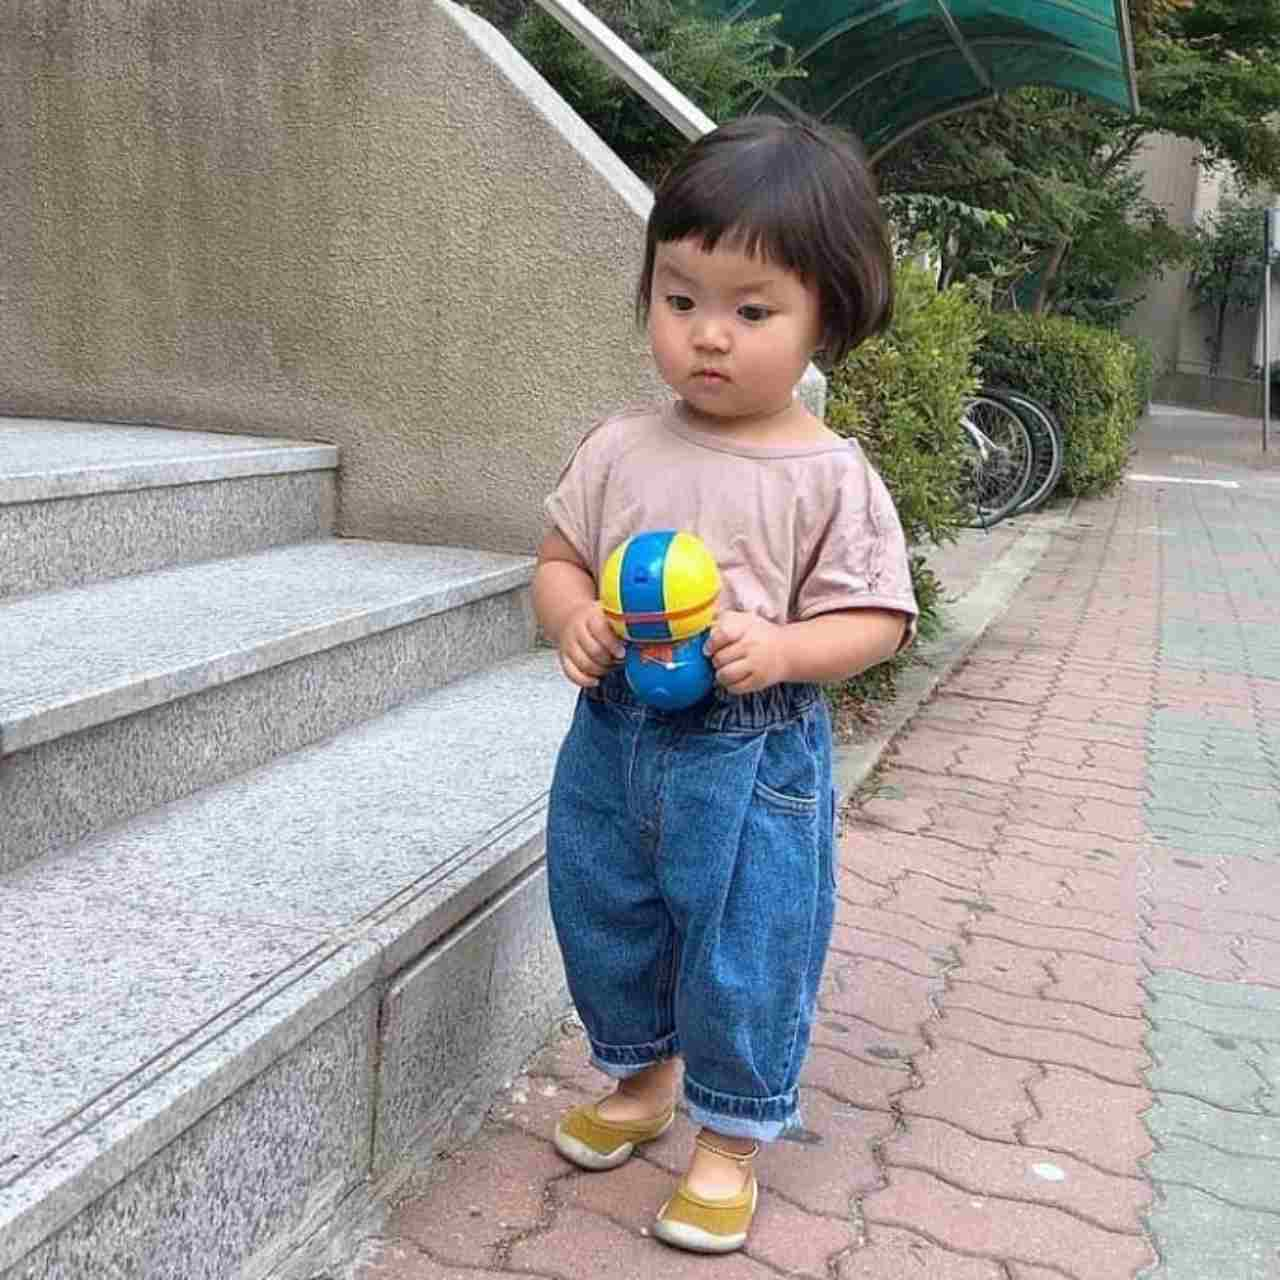 Lohee la niña coreana de los stickers